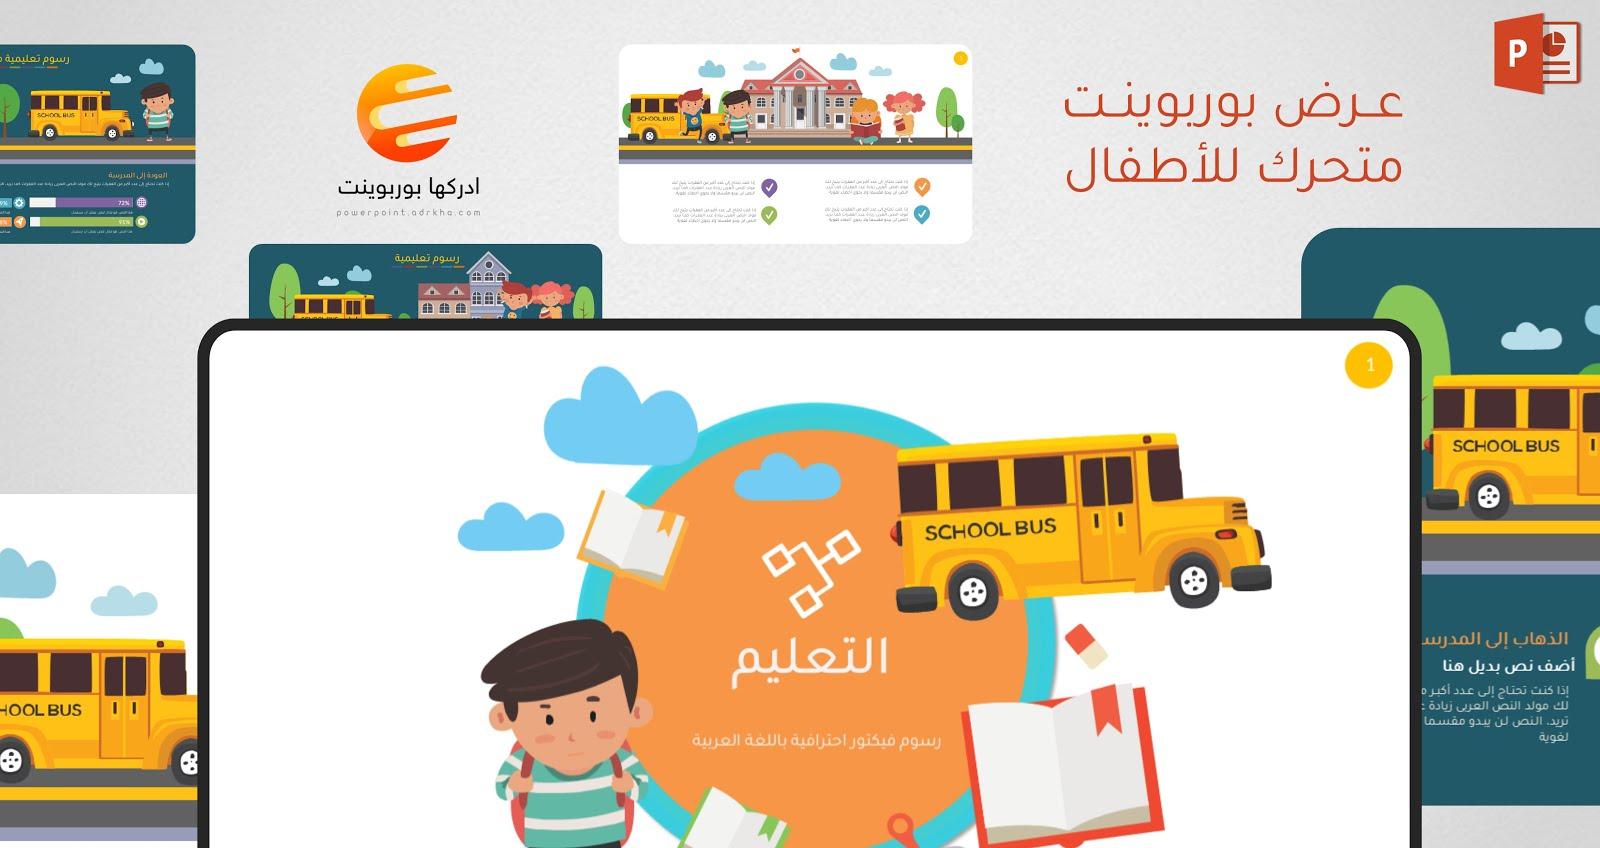 عرض بوربوينت عربي تعليمي للأطفال بحركات لطيفة